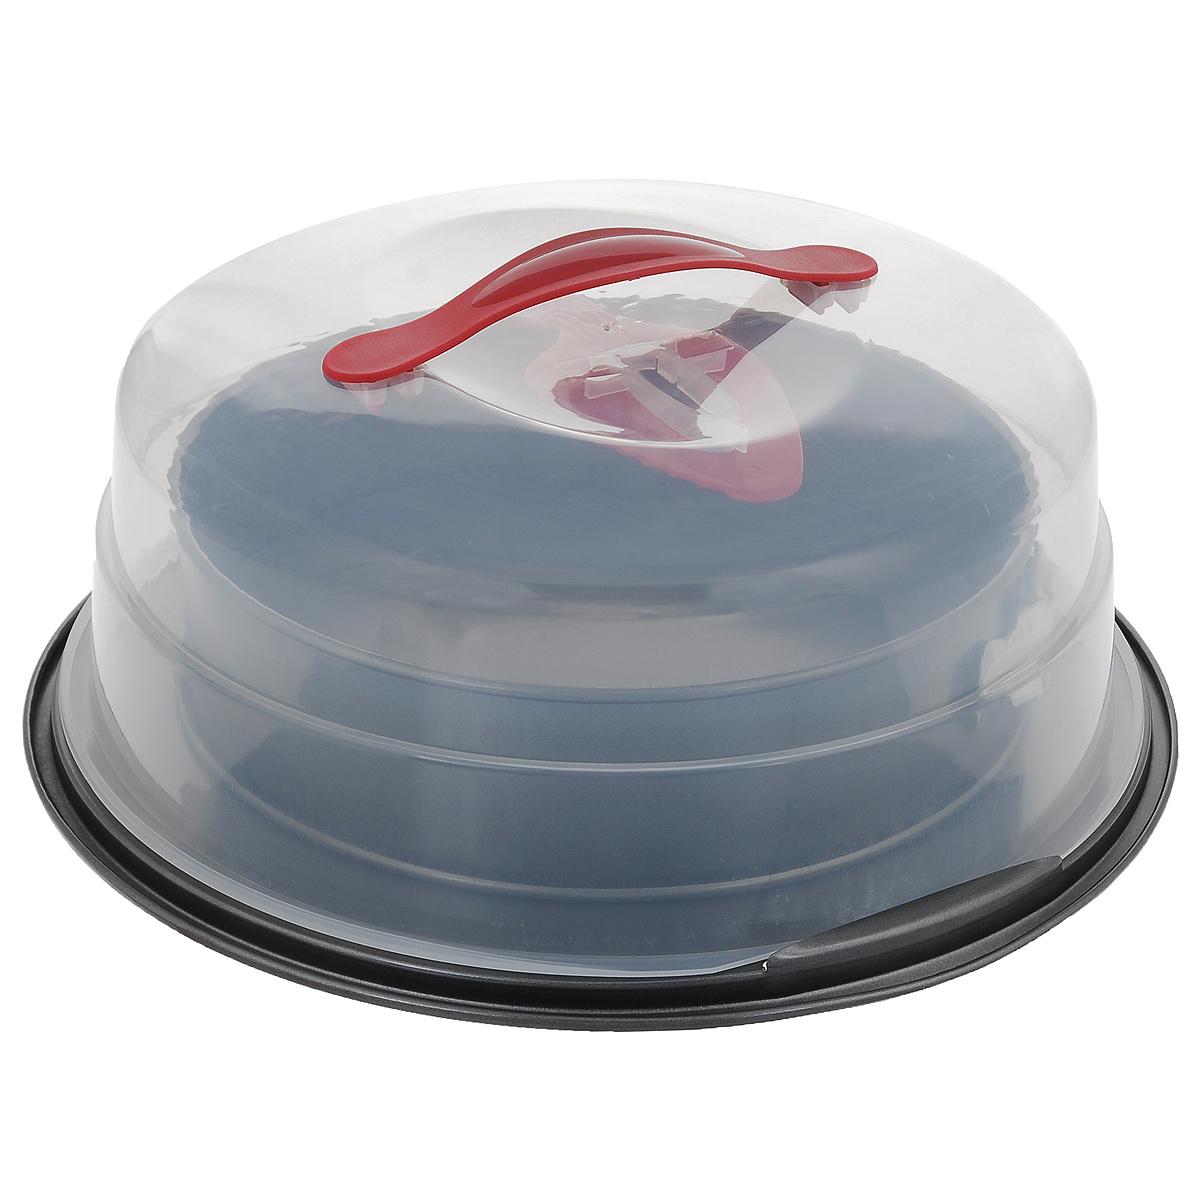 Набор для выпечки, 3 предметаSL-E7010Форма для выпечки изготовлена из углеродистой стали. Особое высокотехнологичное антипригарное покрытие препятствует пригоранию пищи и обеспечивает легкую очистку после использования. Форма разъемная, что облегчает мытье и обеспечивает легкое извлечение. Форма оснащена специальной подставкой, идеально подходящей для сервировки готовой выпечки. Для формы предусмотрена прозрачная пластиковая крышка с ручкой. В наборе также имеется пластиковая лопатка для сервировки пищи. С помощью зубчатого края выпечку легко разрезать. В наборе есть все необходимое для приготовления и сервировки выпечки. Можно мыть в посудомоечной машине. Не использовать абразивные моющие средства и мочалки.